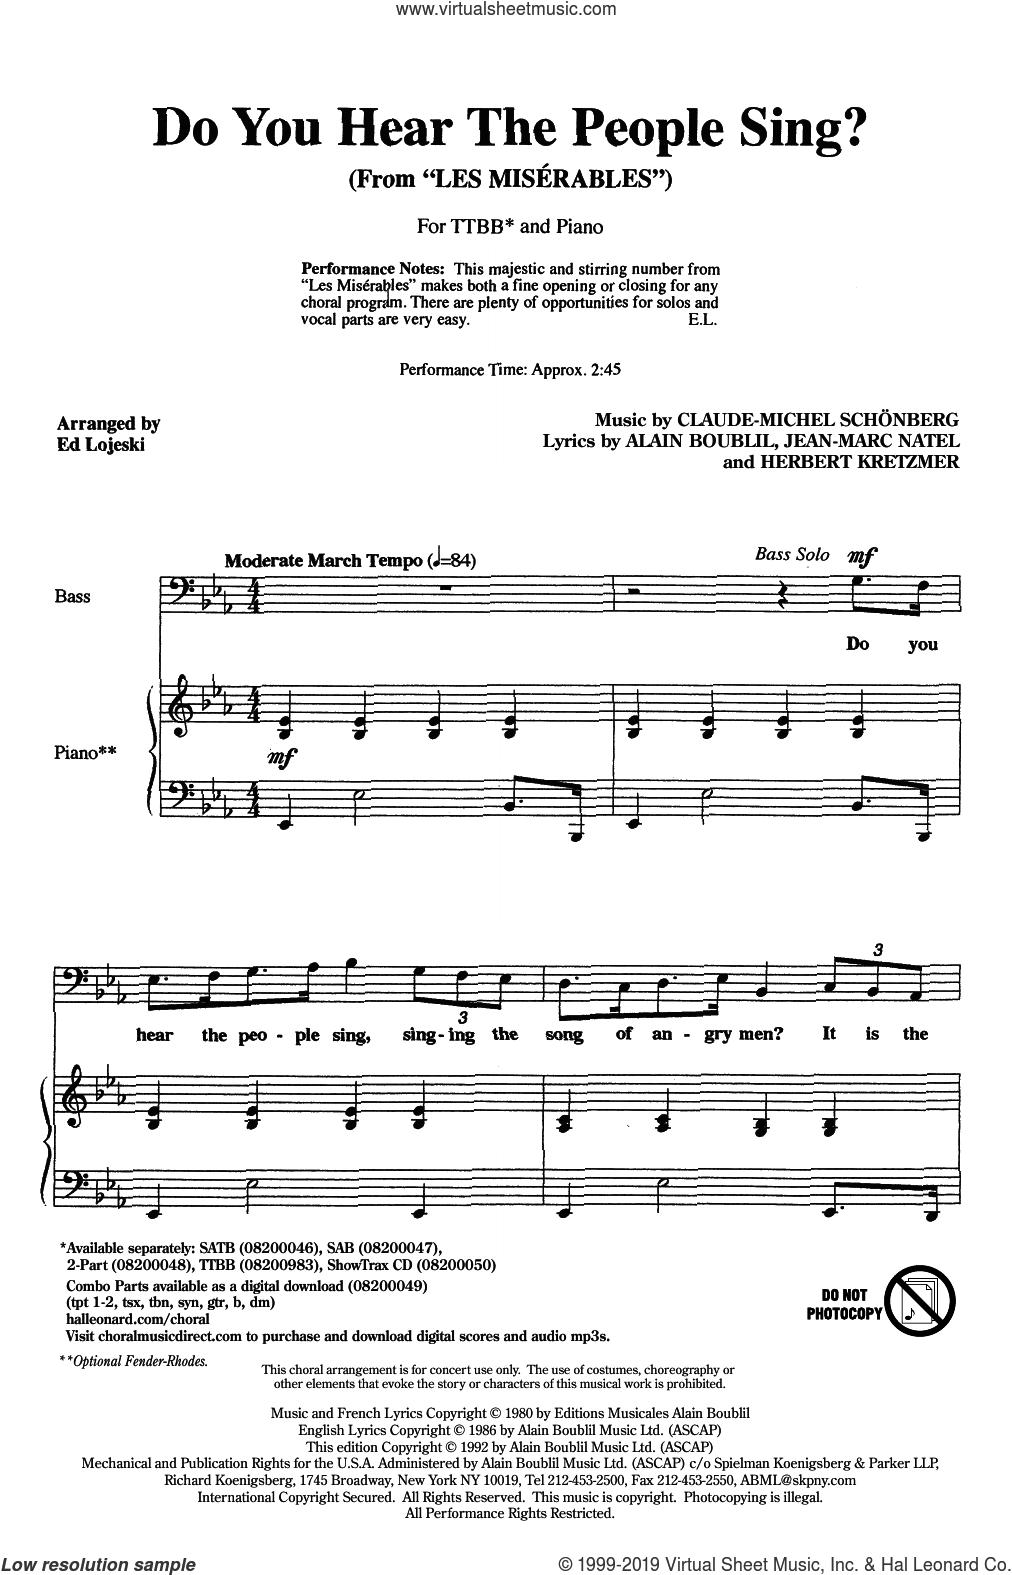 Do You Hear The People Sing? (from Les Miserables) (arr. Ed Lojeski) sheet music for choir (TTBB: tenor, bass) by Alain Boublil, Ed Lojeski, Boublil and Schonberg, Claude-Michel Schonberg, Herbert Kretzmer and Jean-Marc Natel, intermediate skill level